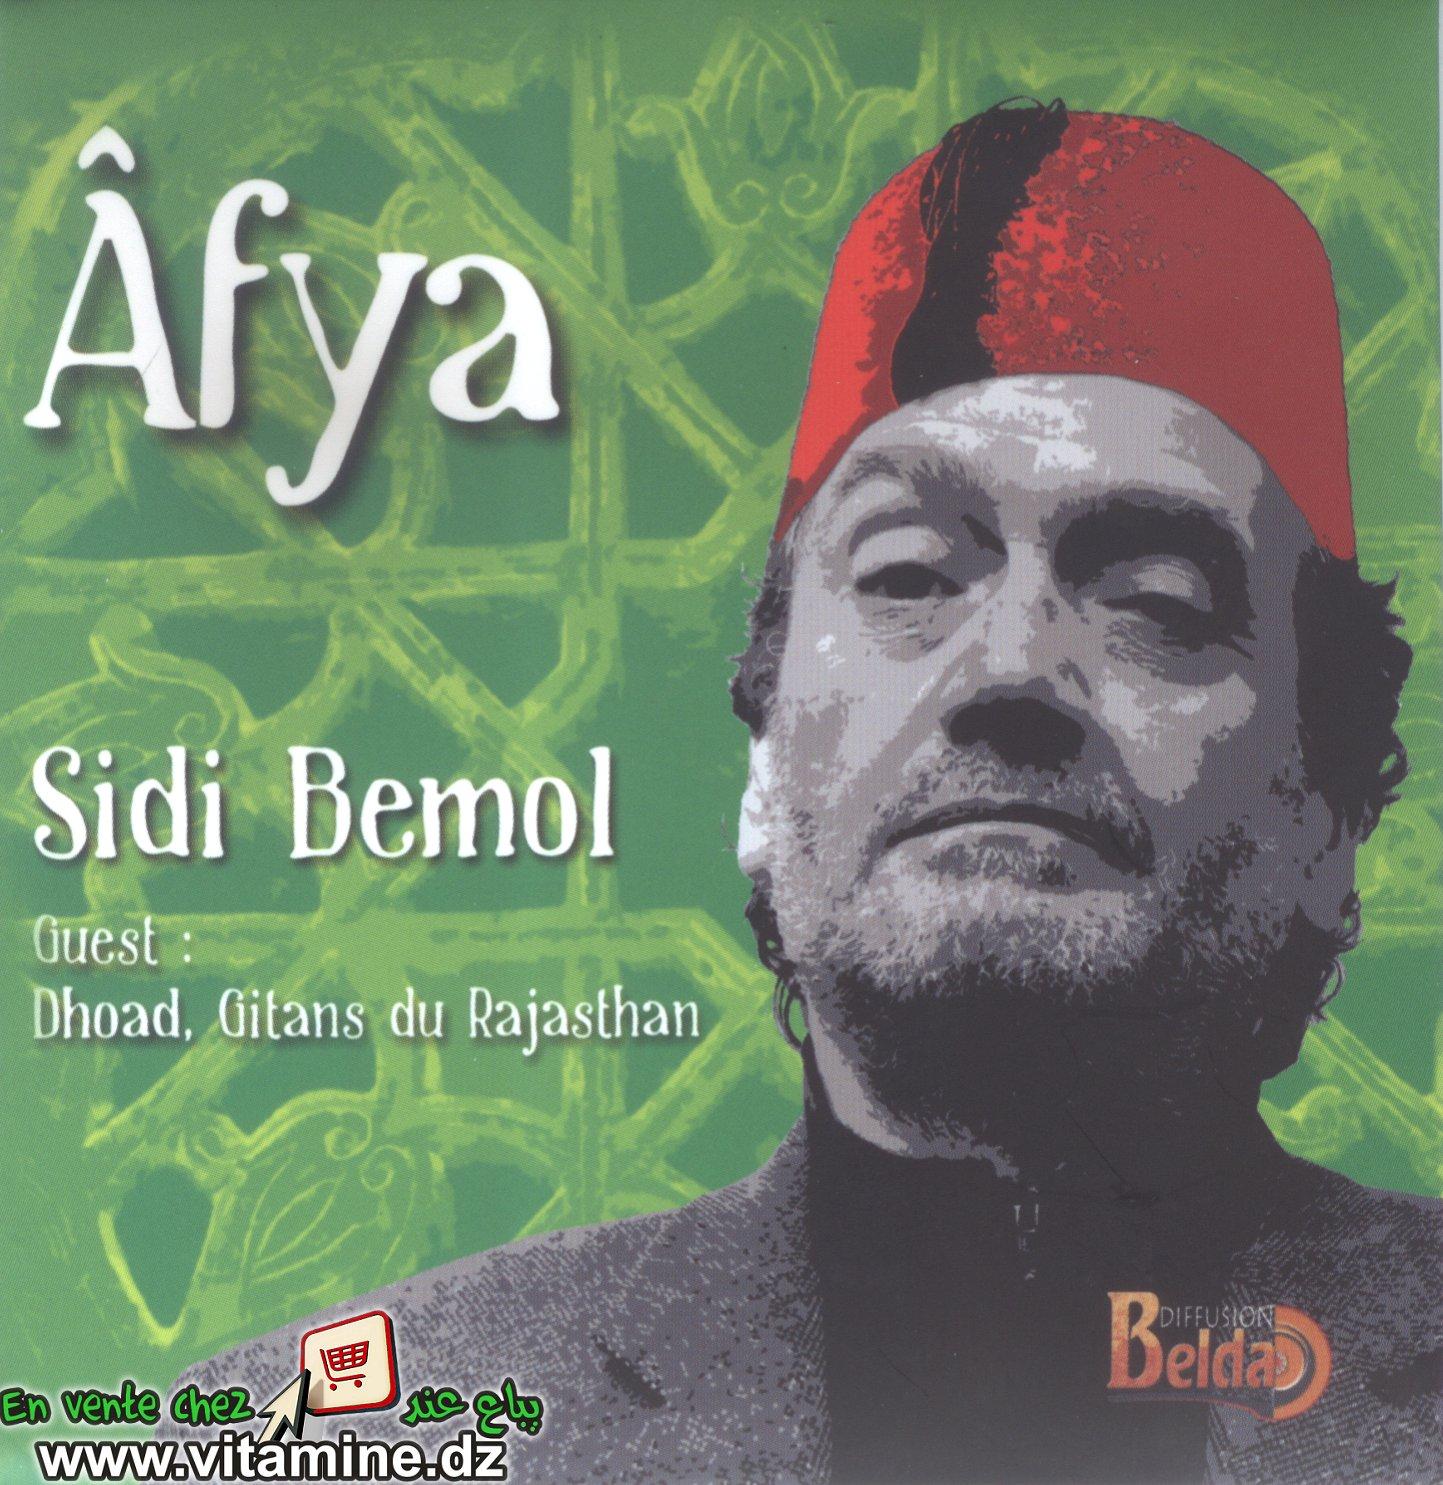 Cheikh Sidi Bémol - âfya